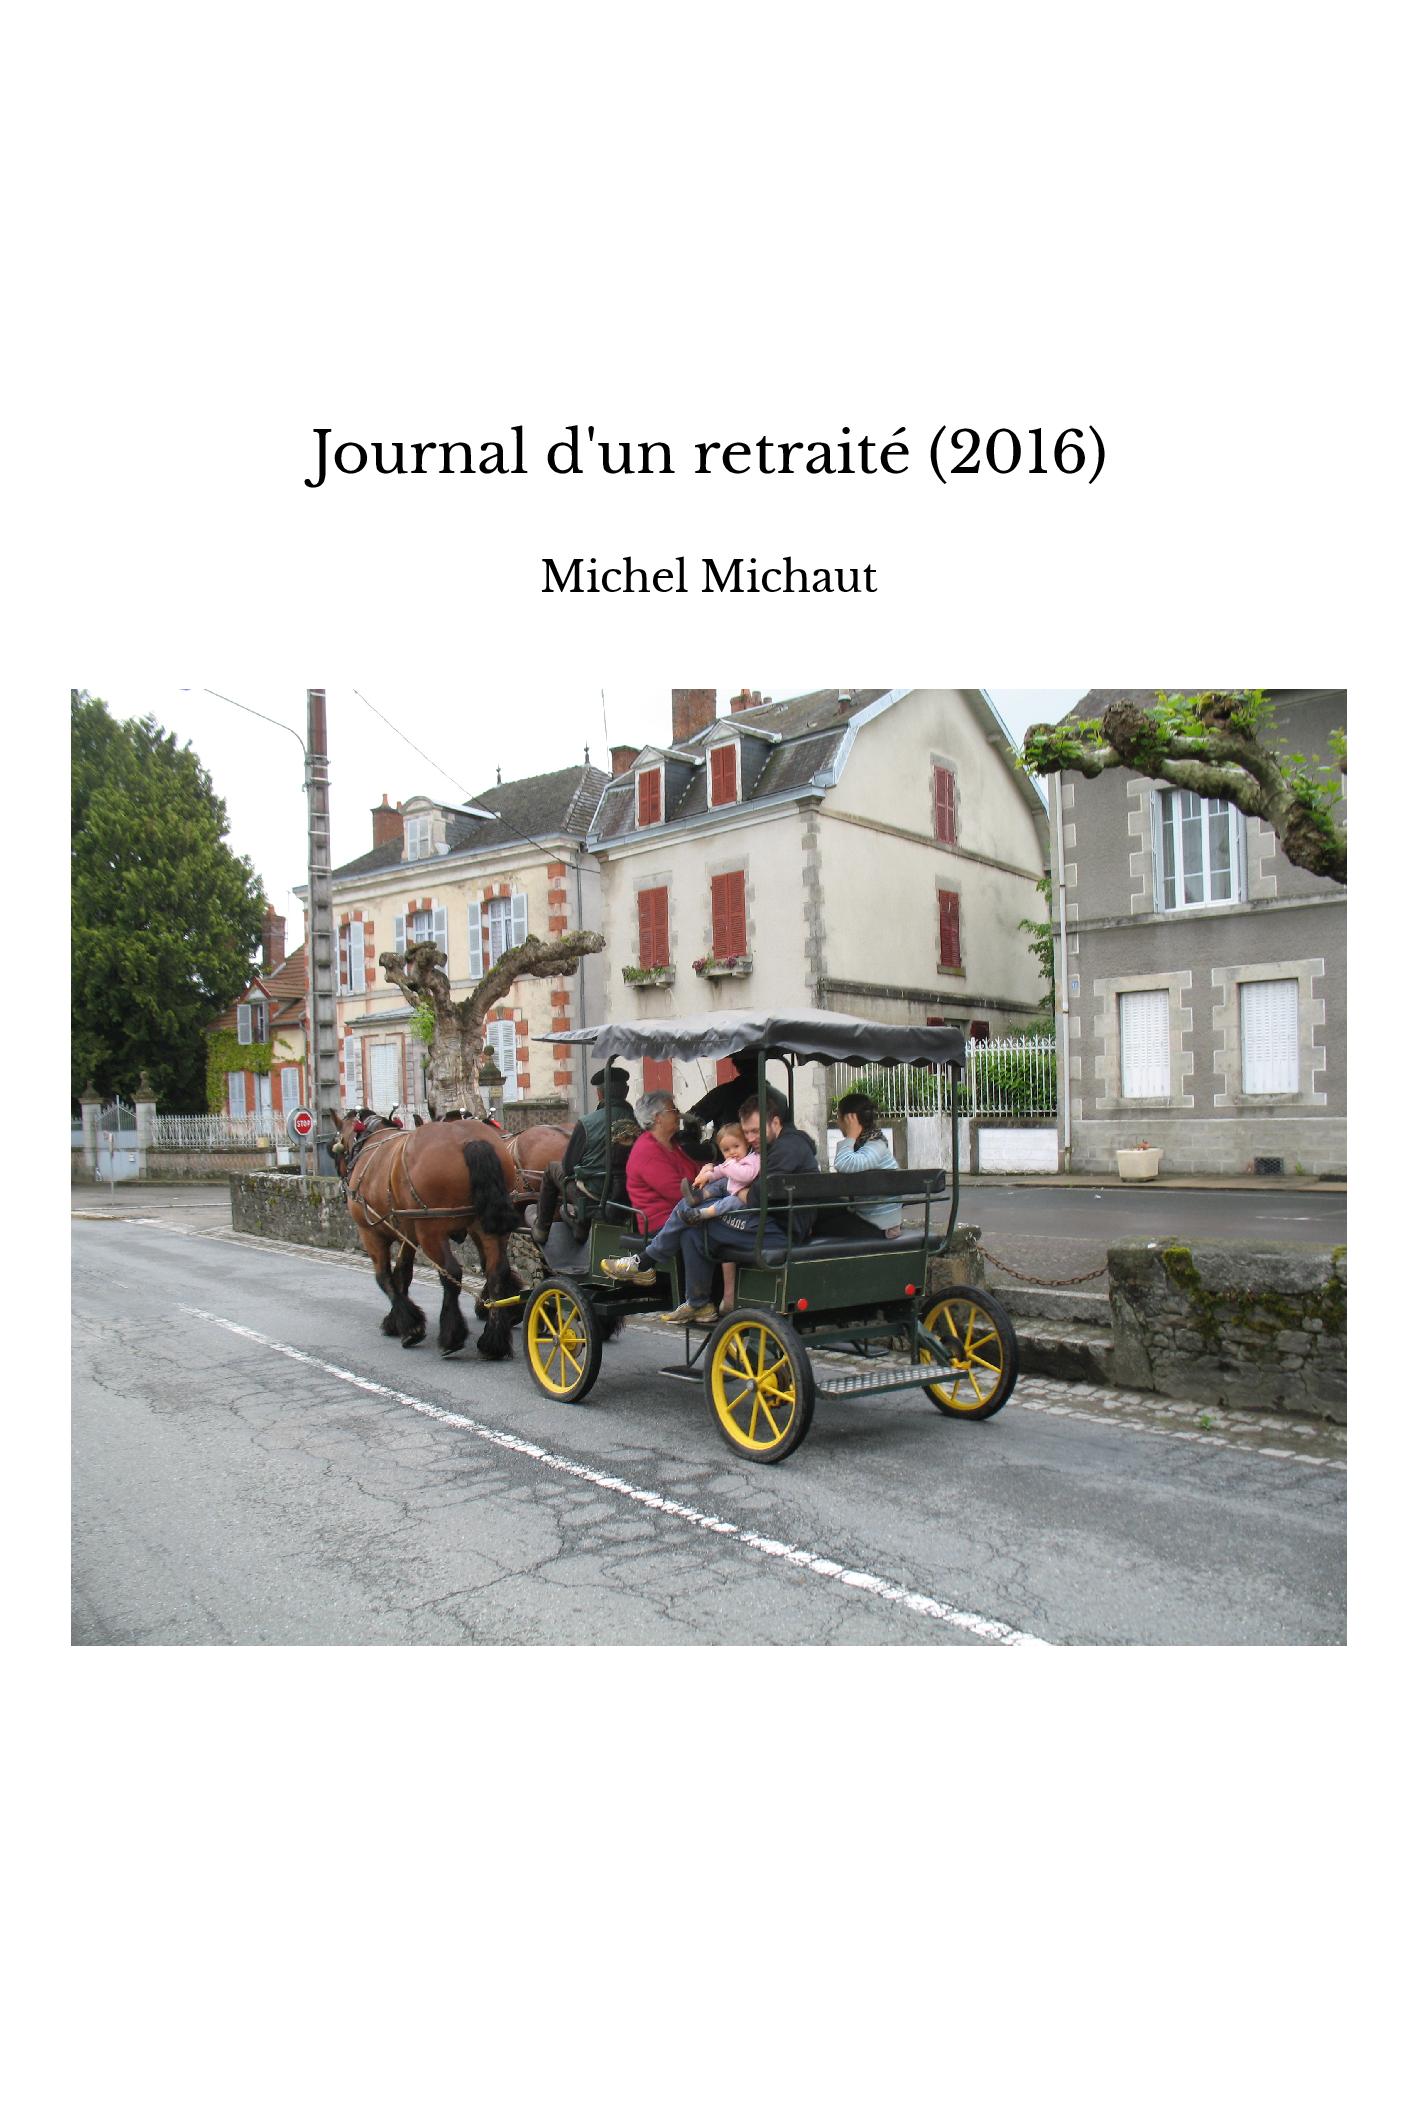 Journal d'un retraité (2016)